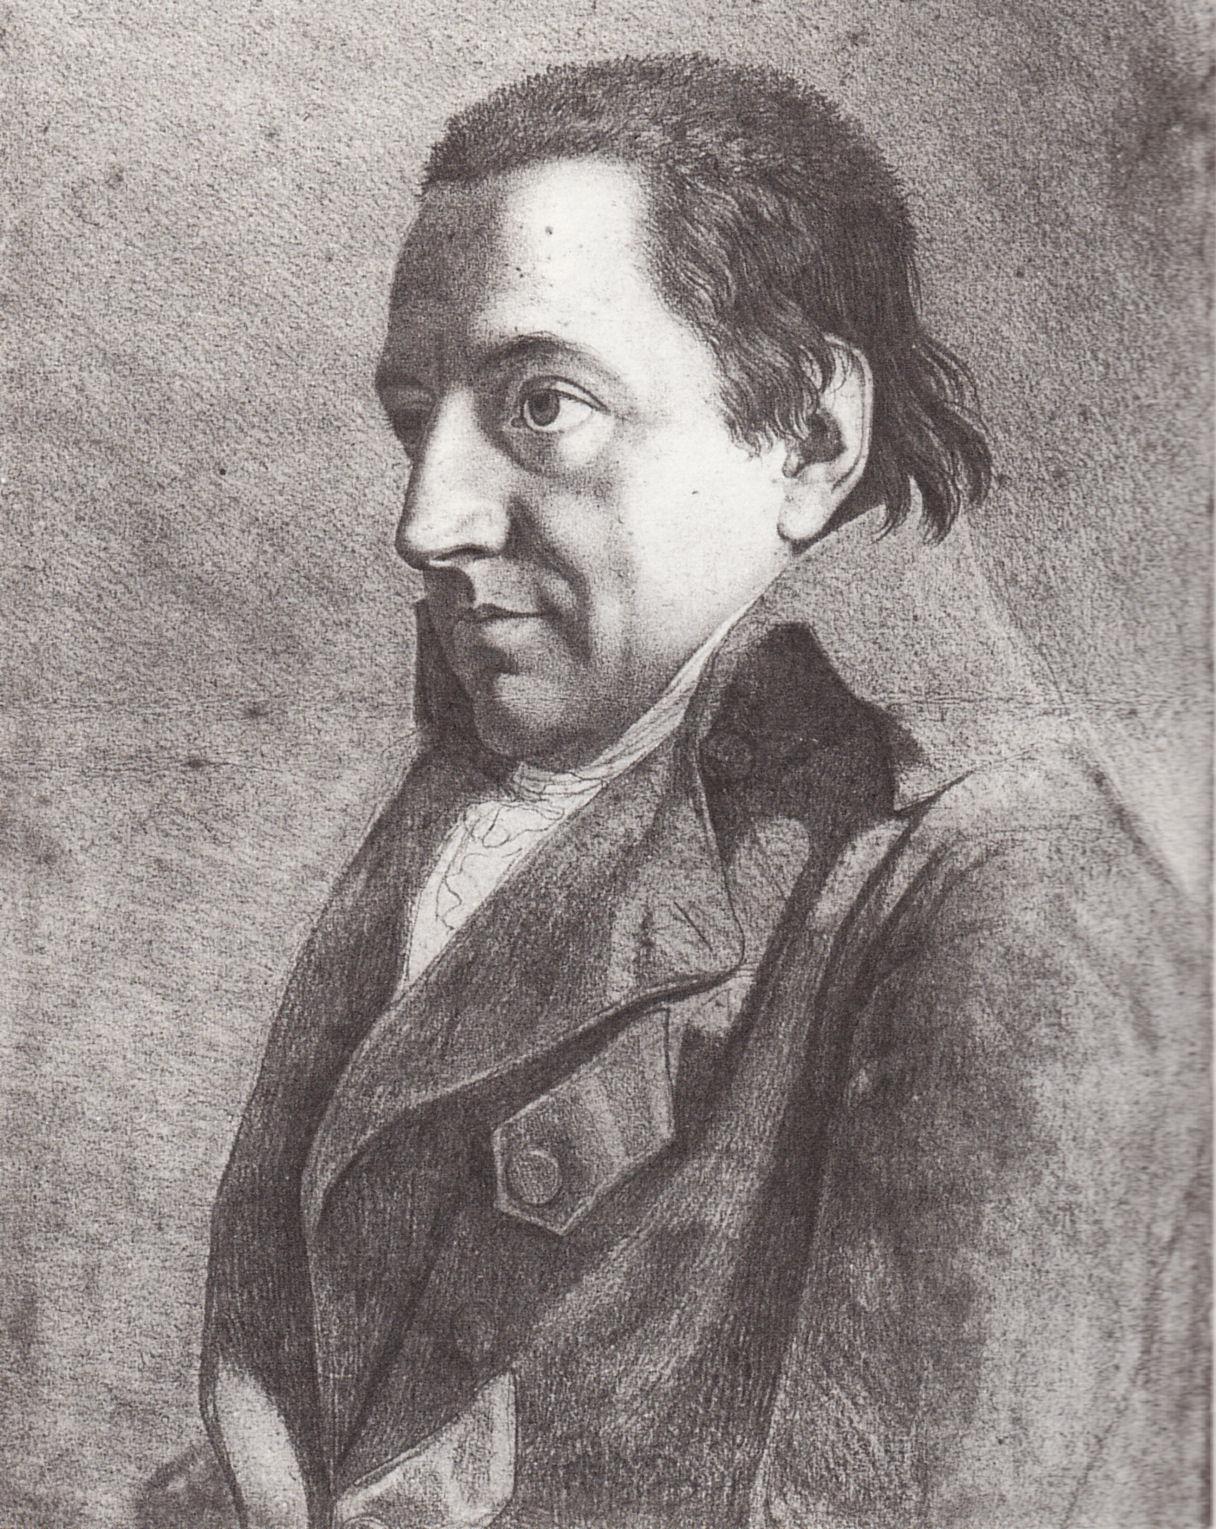 Friedrich_Bury_-_Johann_Gottlieb_Fichte_1801